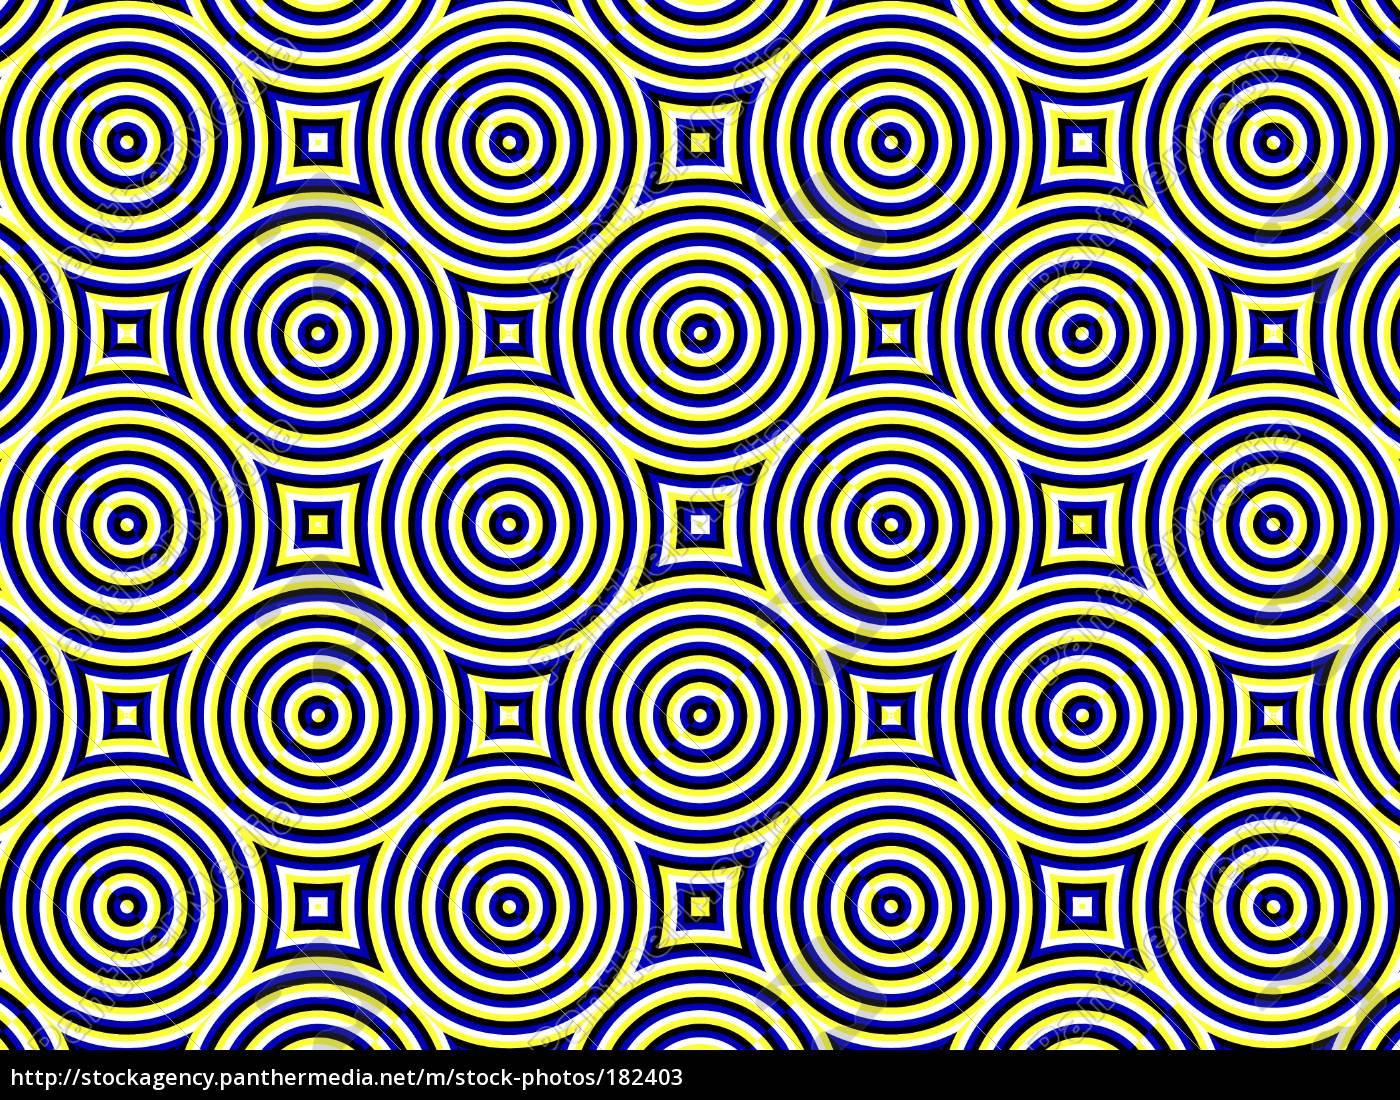 optical, illusion - 182403